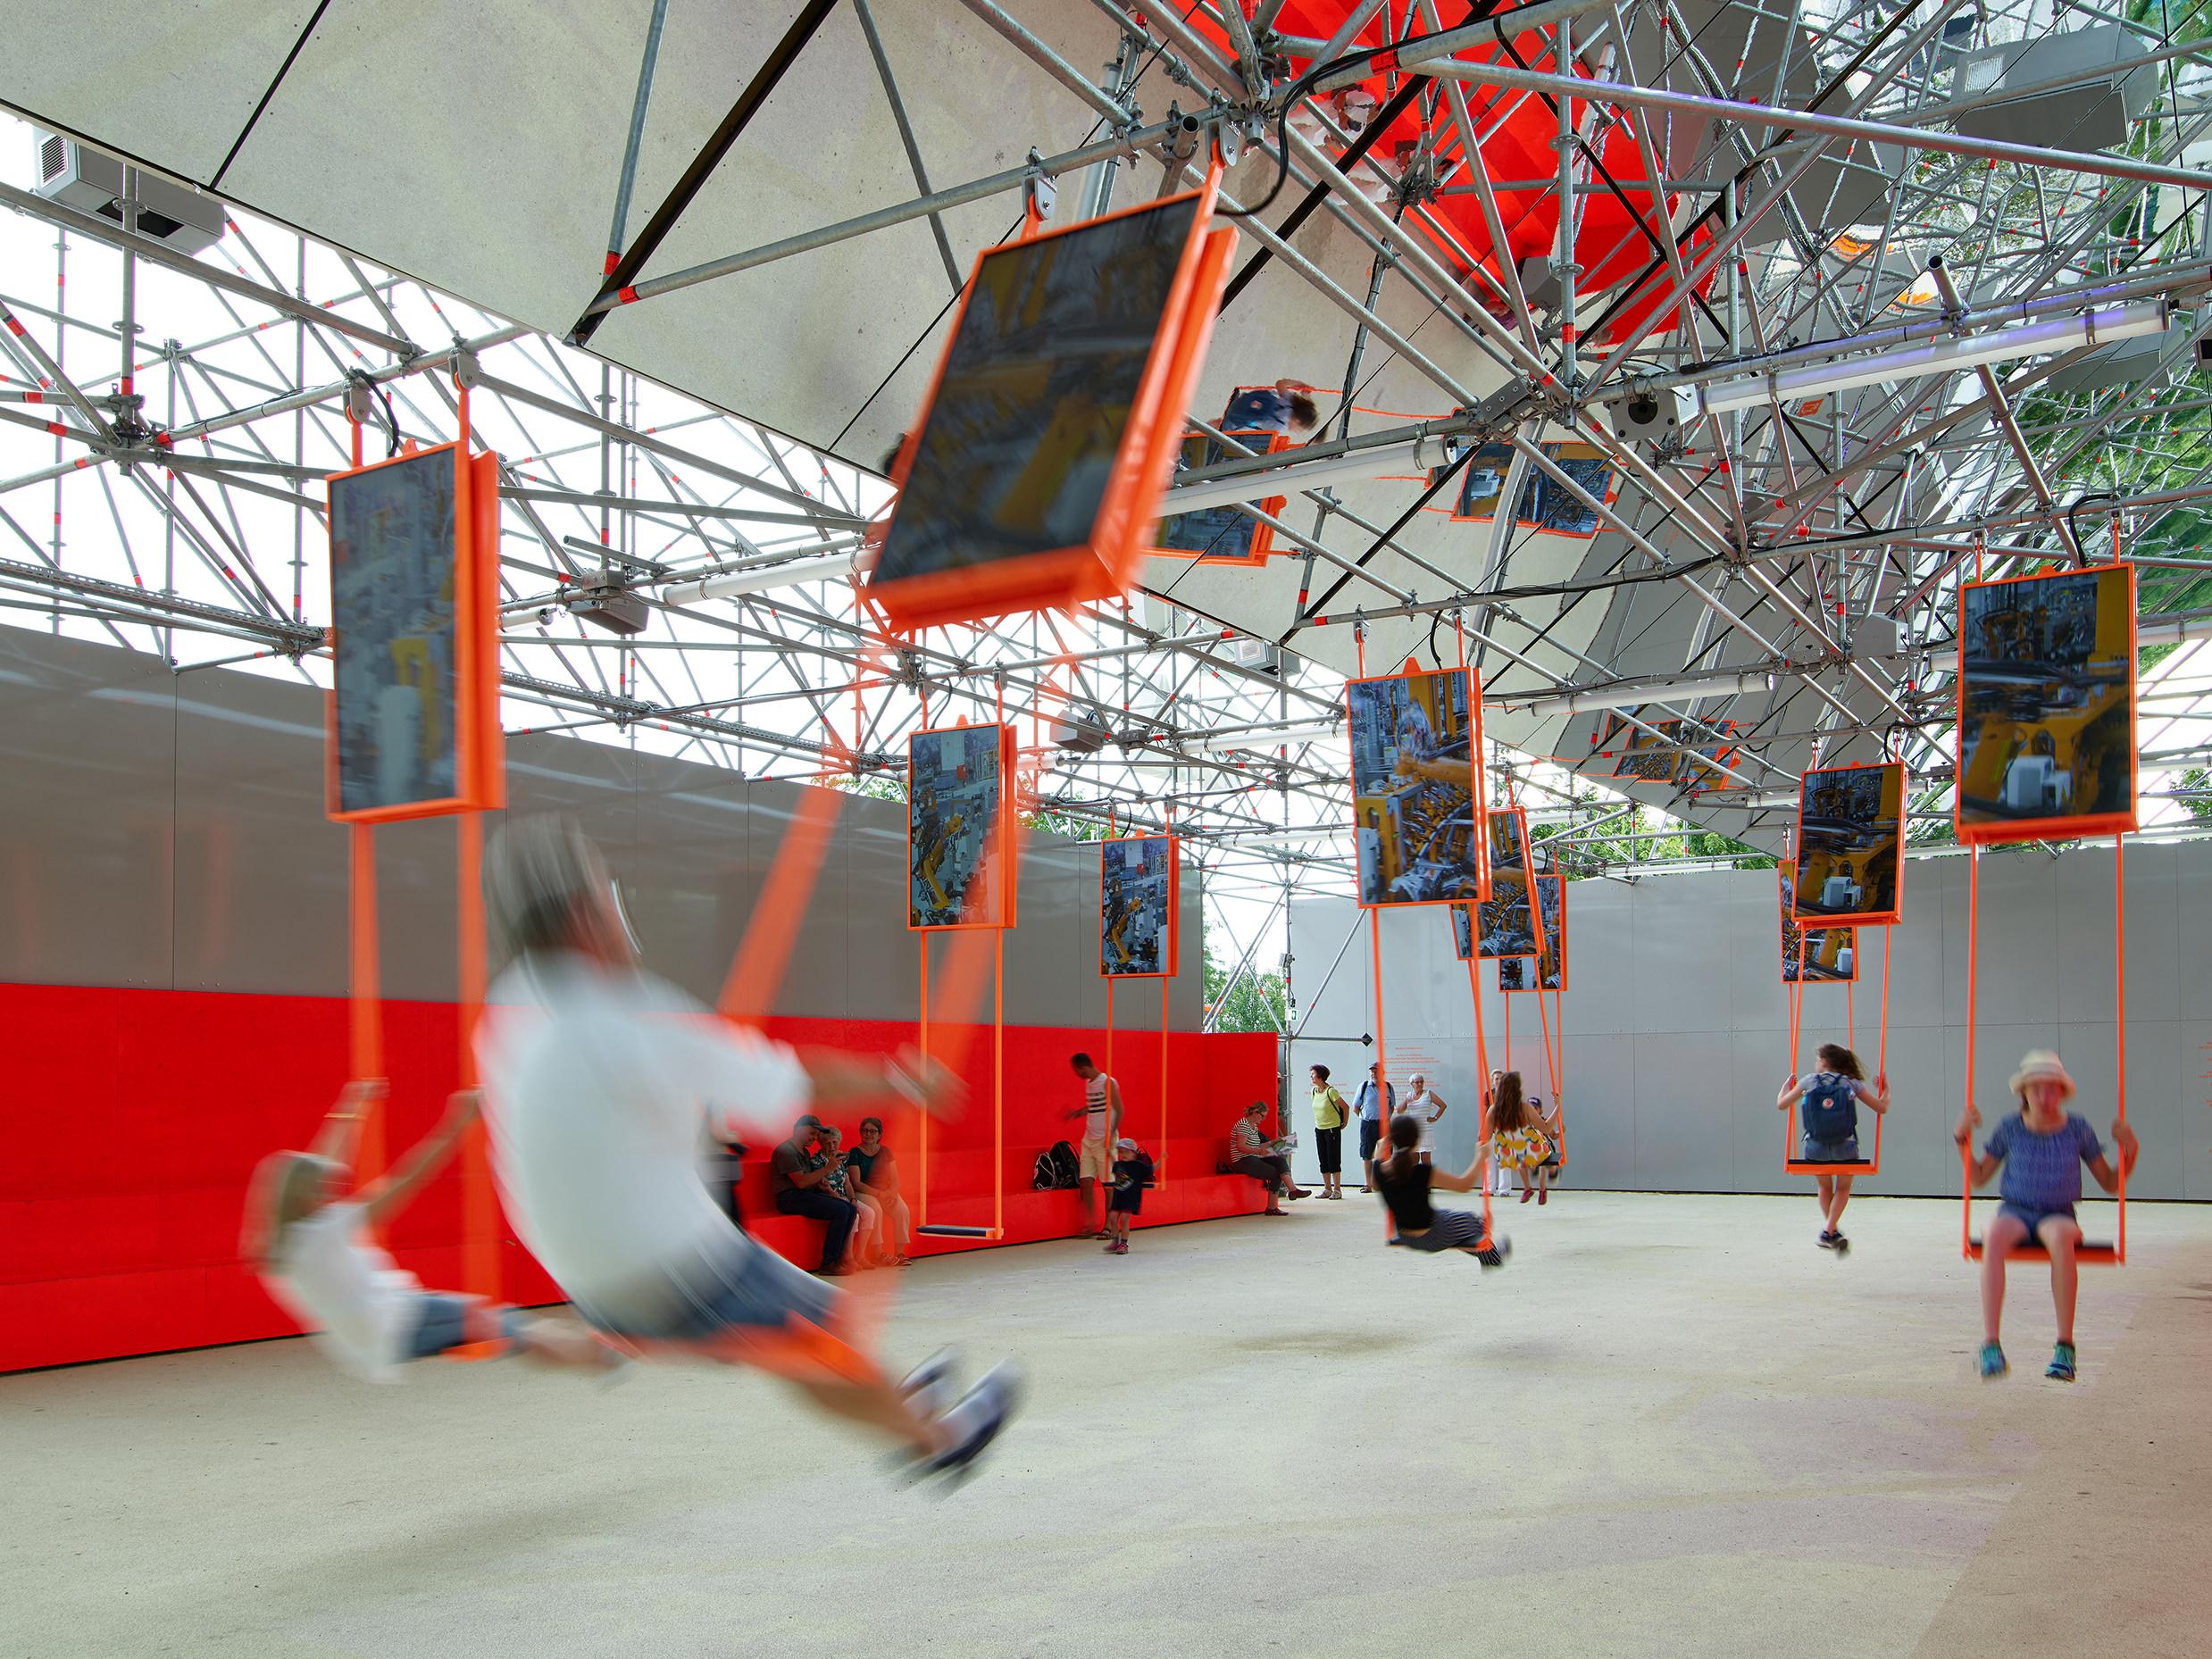 Impressionen des Pavillon auf der BUGA 2019 in Heilbronn. Die Besucher:innen sind in Bewegung auf den Medienschaukeln, die atmosphärische Inhalte und Interviews zeigen.